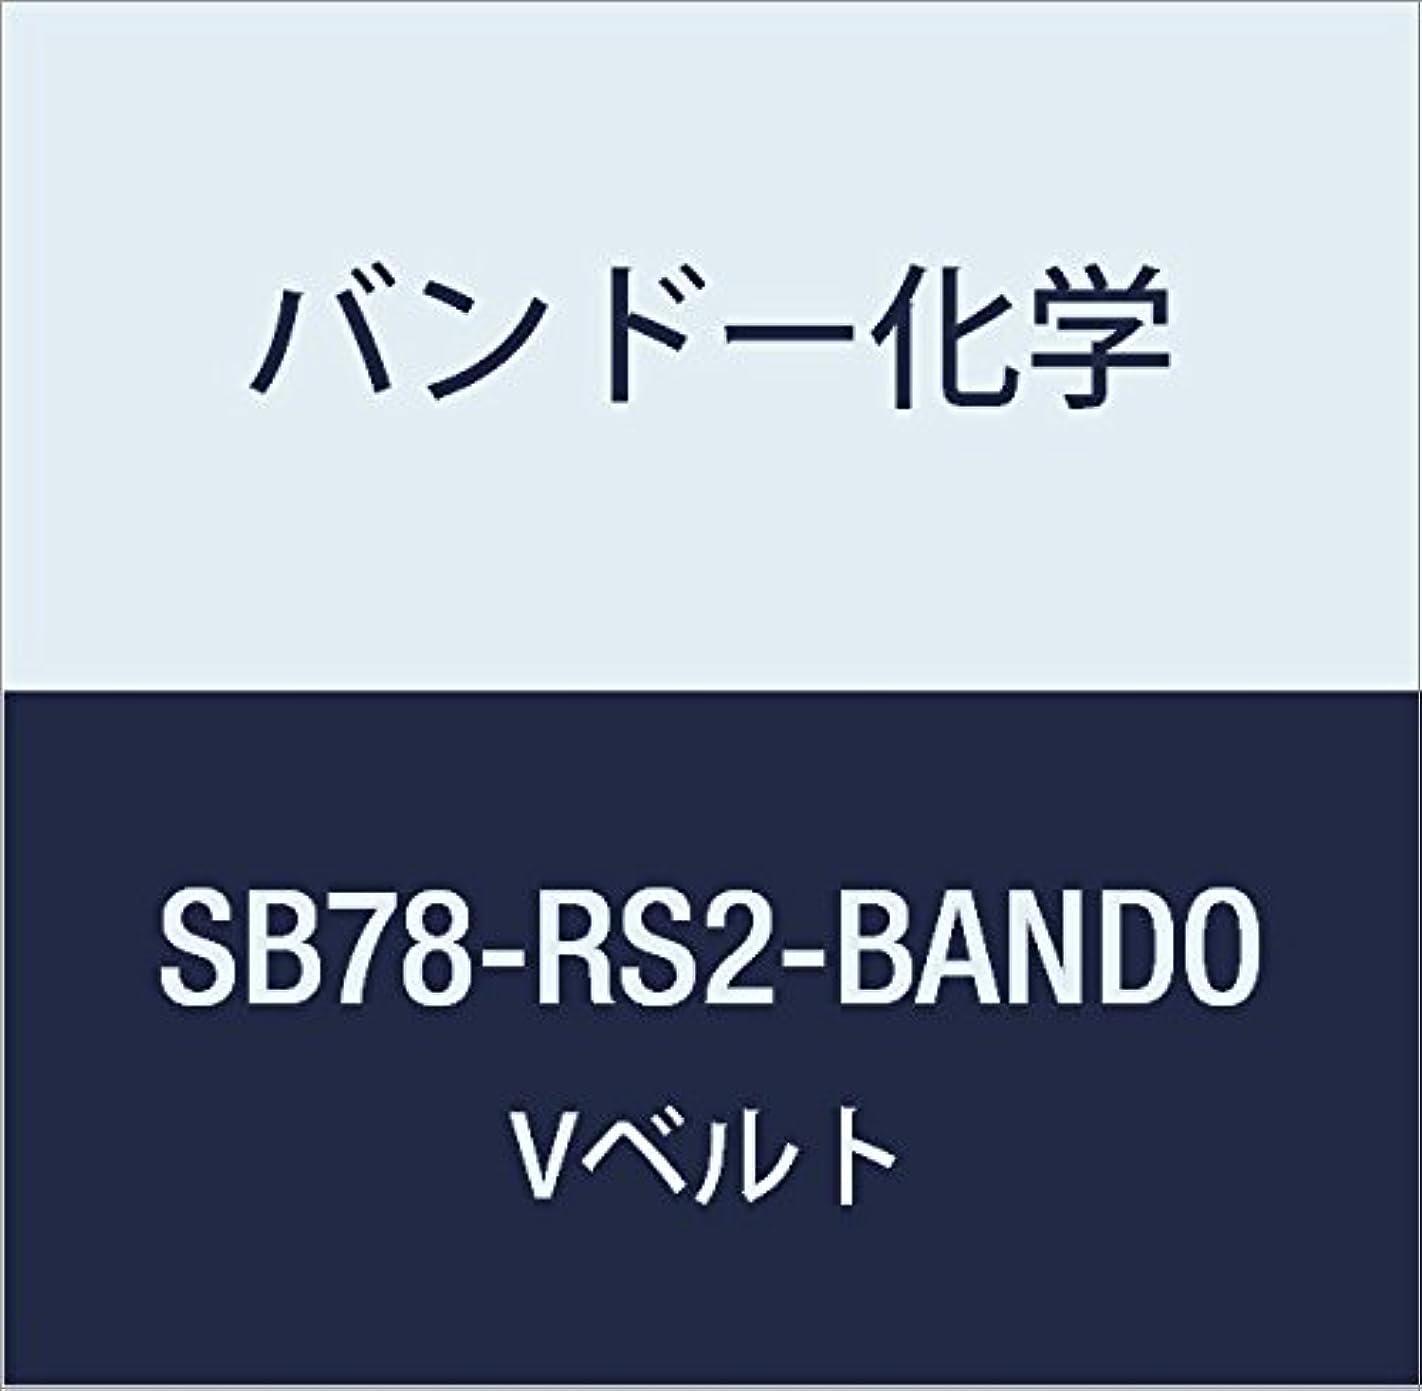 歯車永遠のとげのあるバンドー化学 SB形Vベルト(レッドS-II) SB78-RS2-BANDO